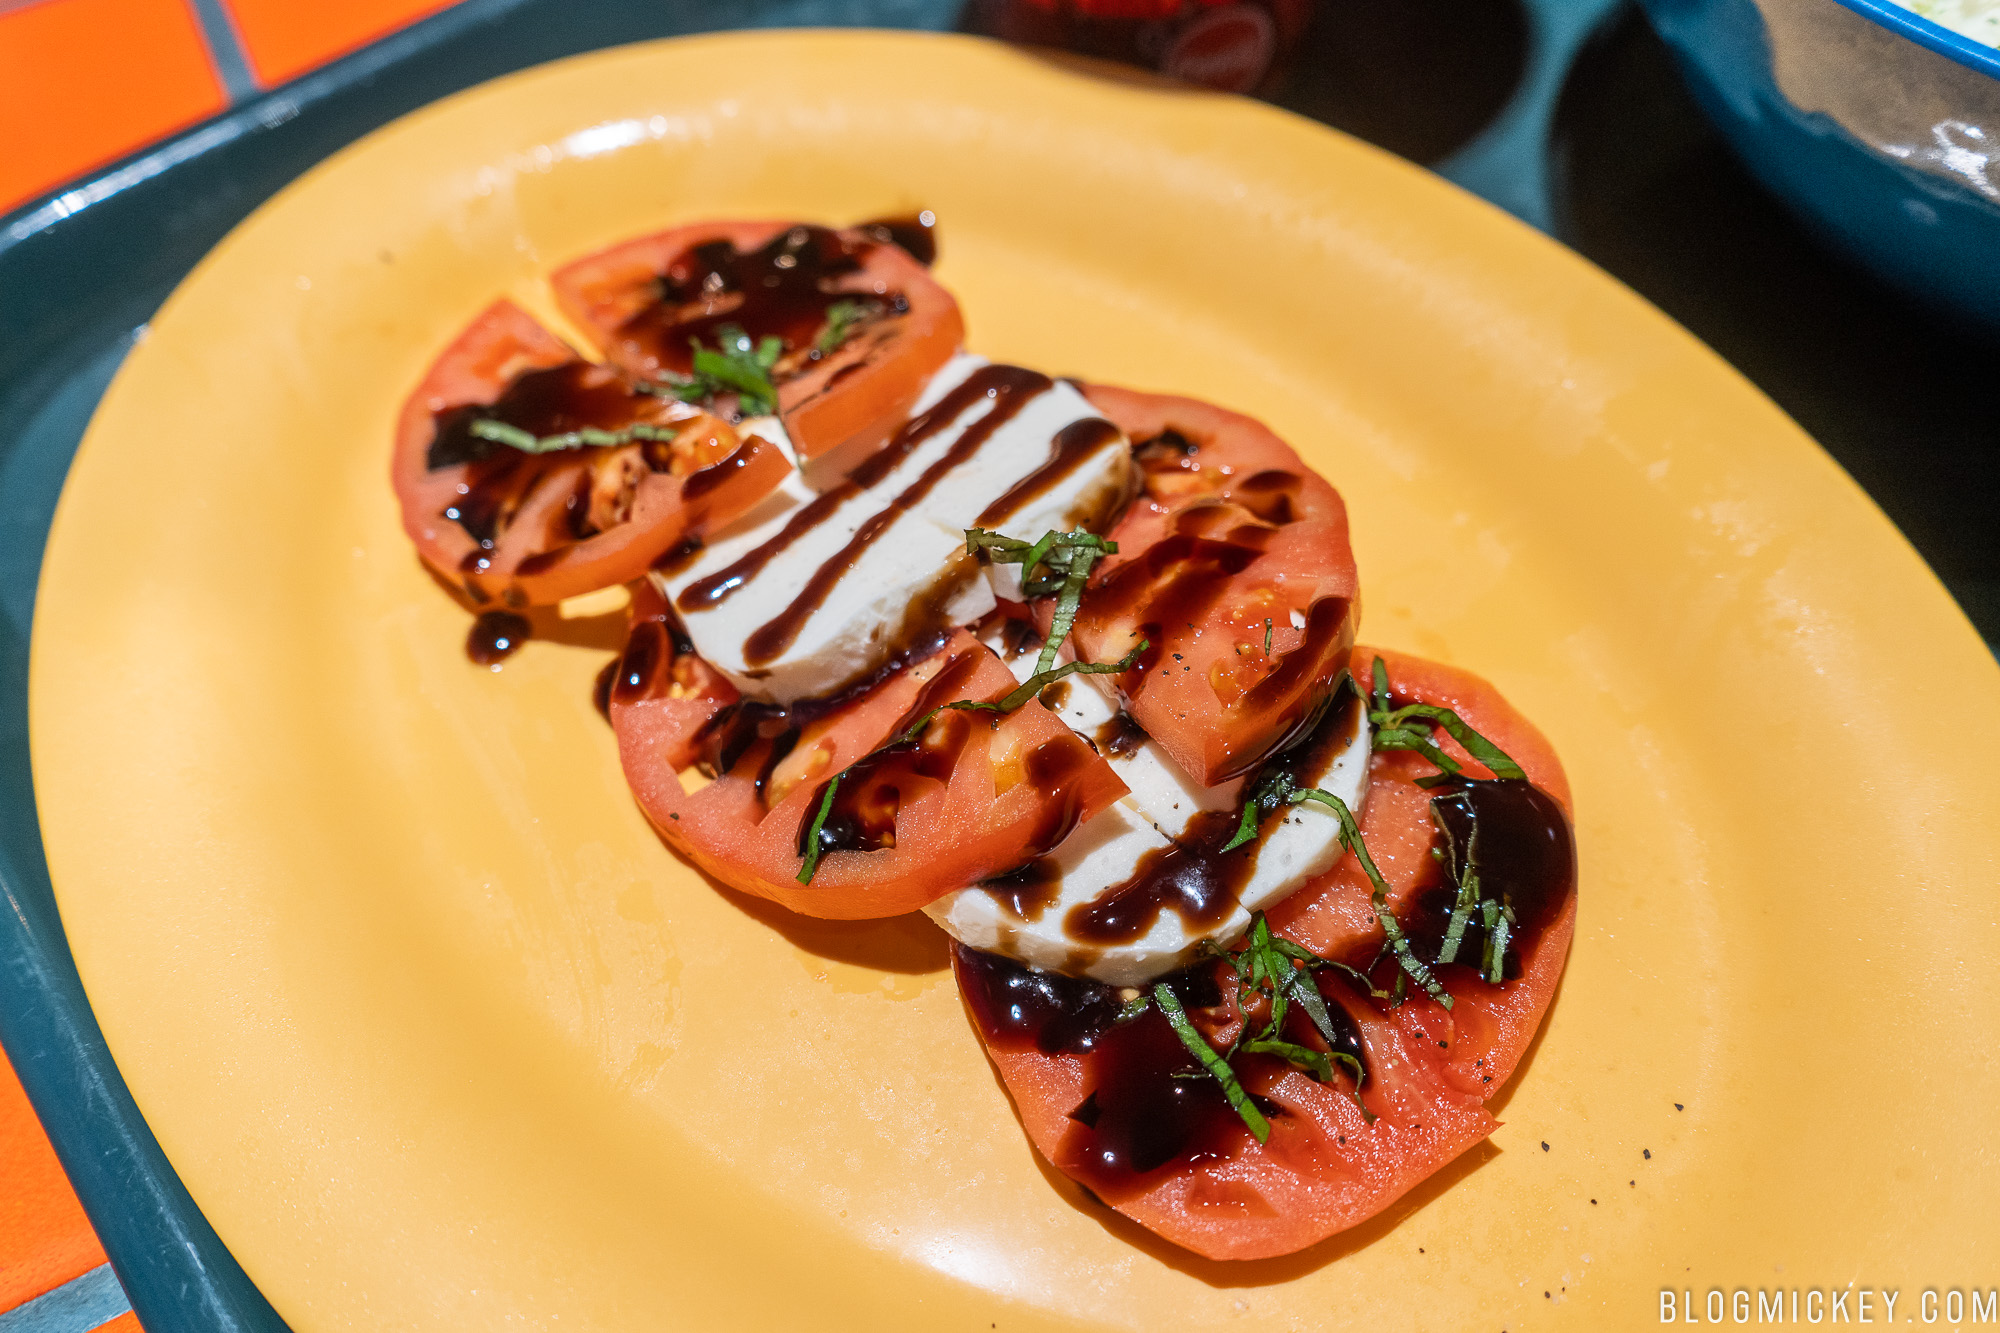 Avis Cuisine Hacker 2018 review: family-style dinner at pizzafari in disney's animal